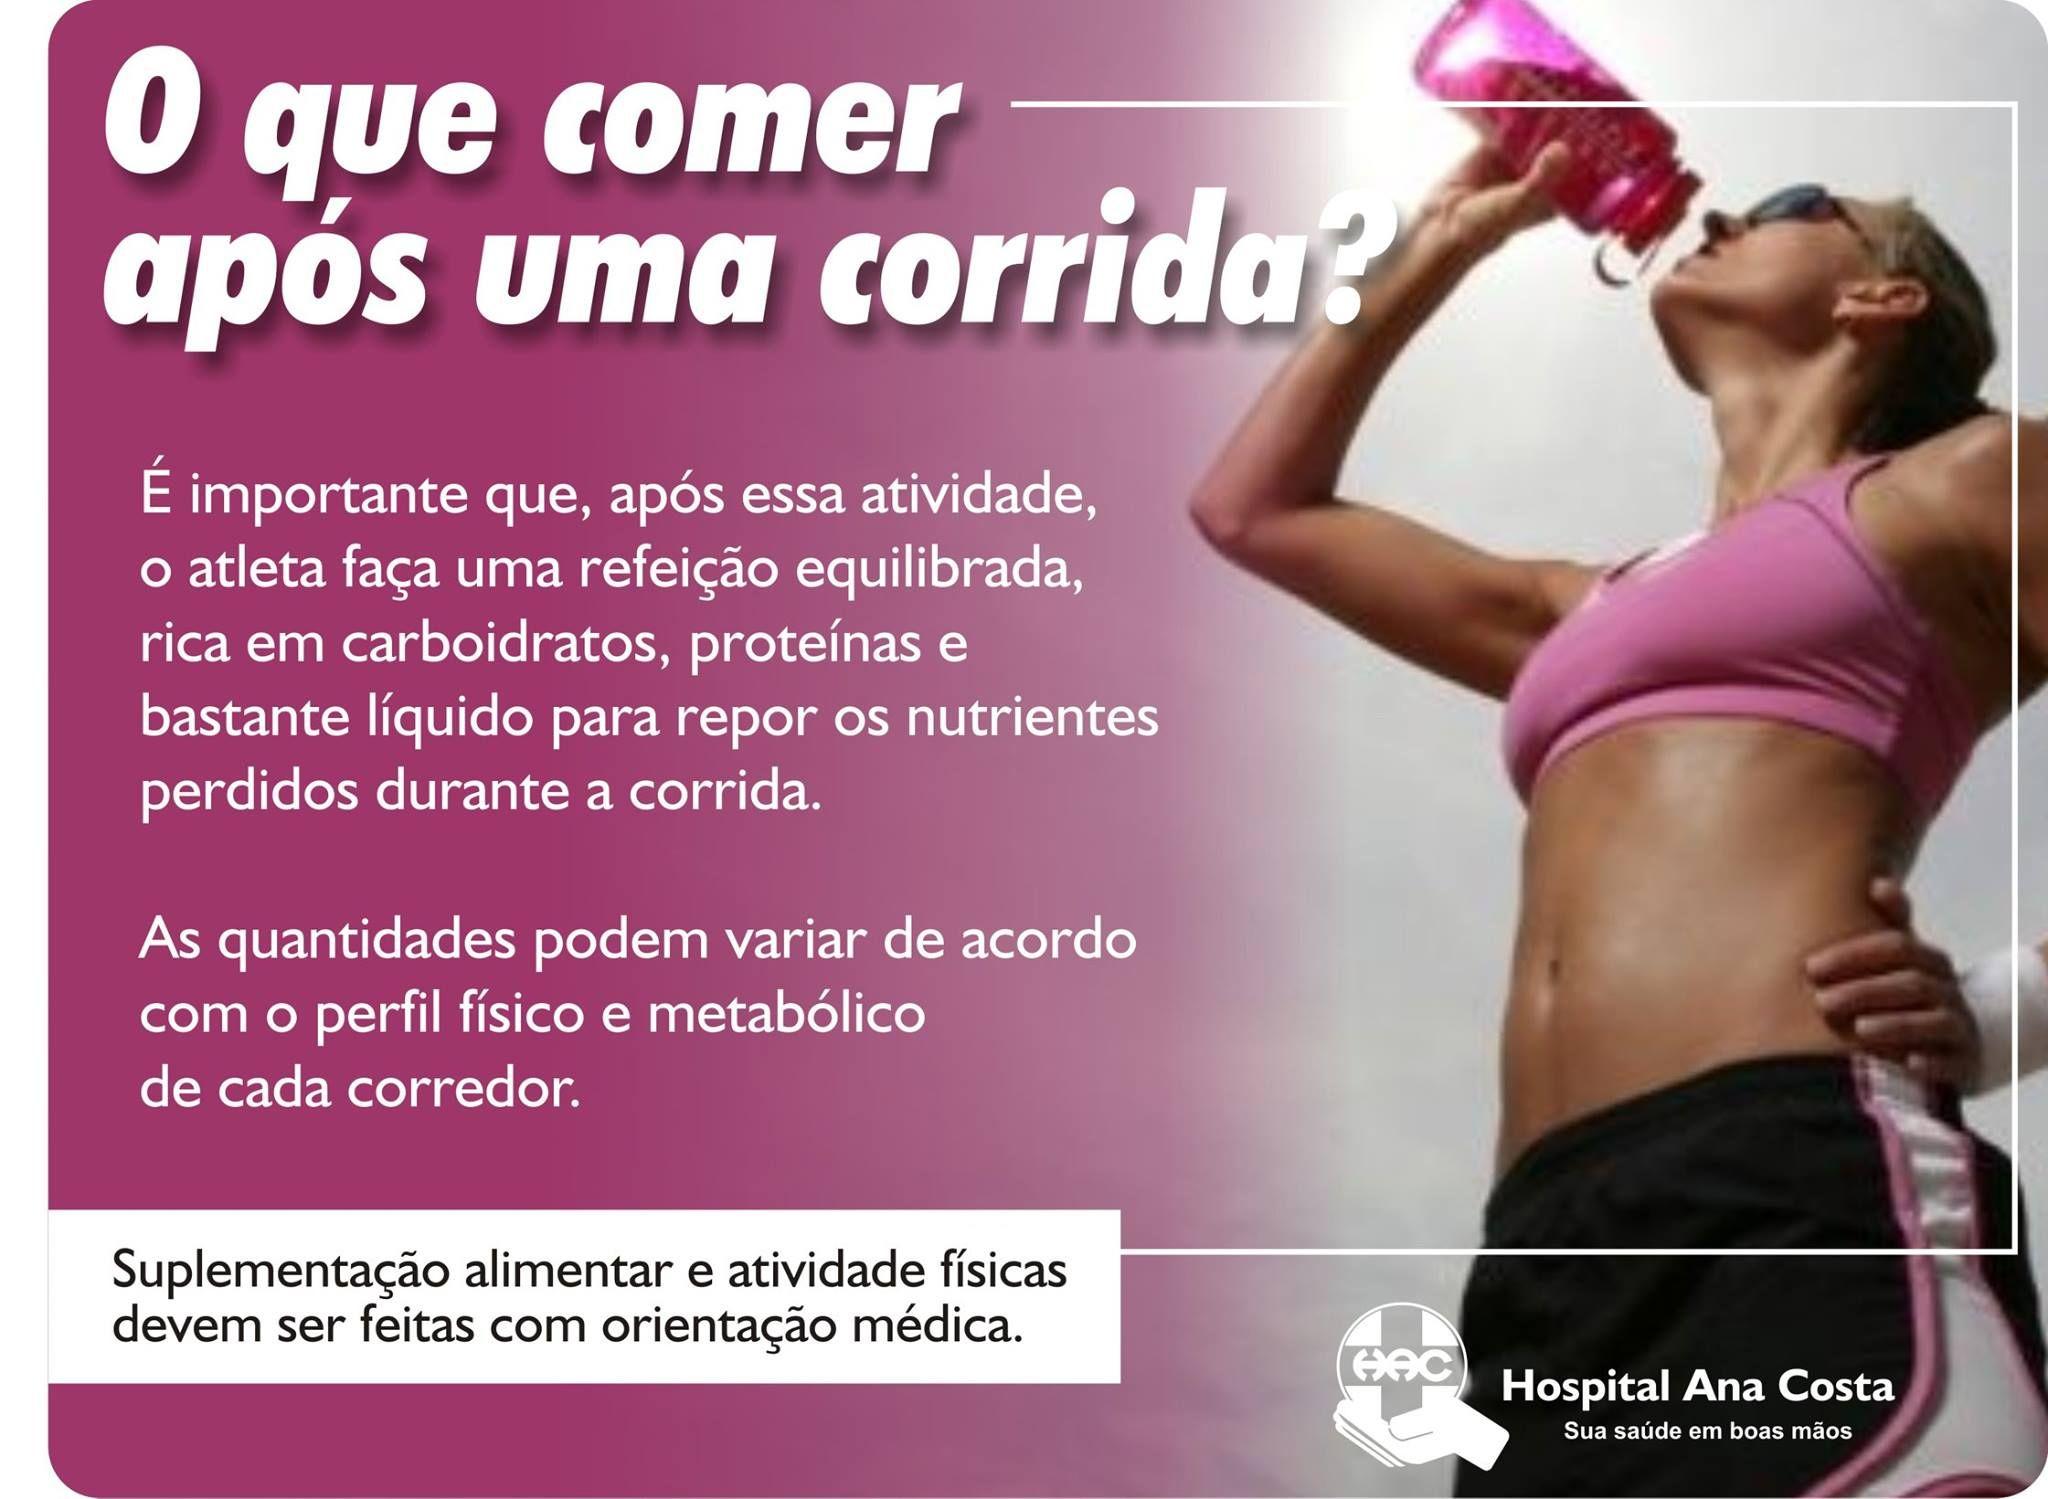 #Hac #HospitalAnaCosta #Saúde #BemEstar #Corrida #Exercícios #Correr #Ginástica #Nutri #Nutrição #Alimentação #Oquecomer #Fome